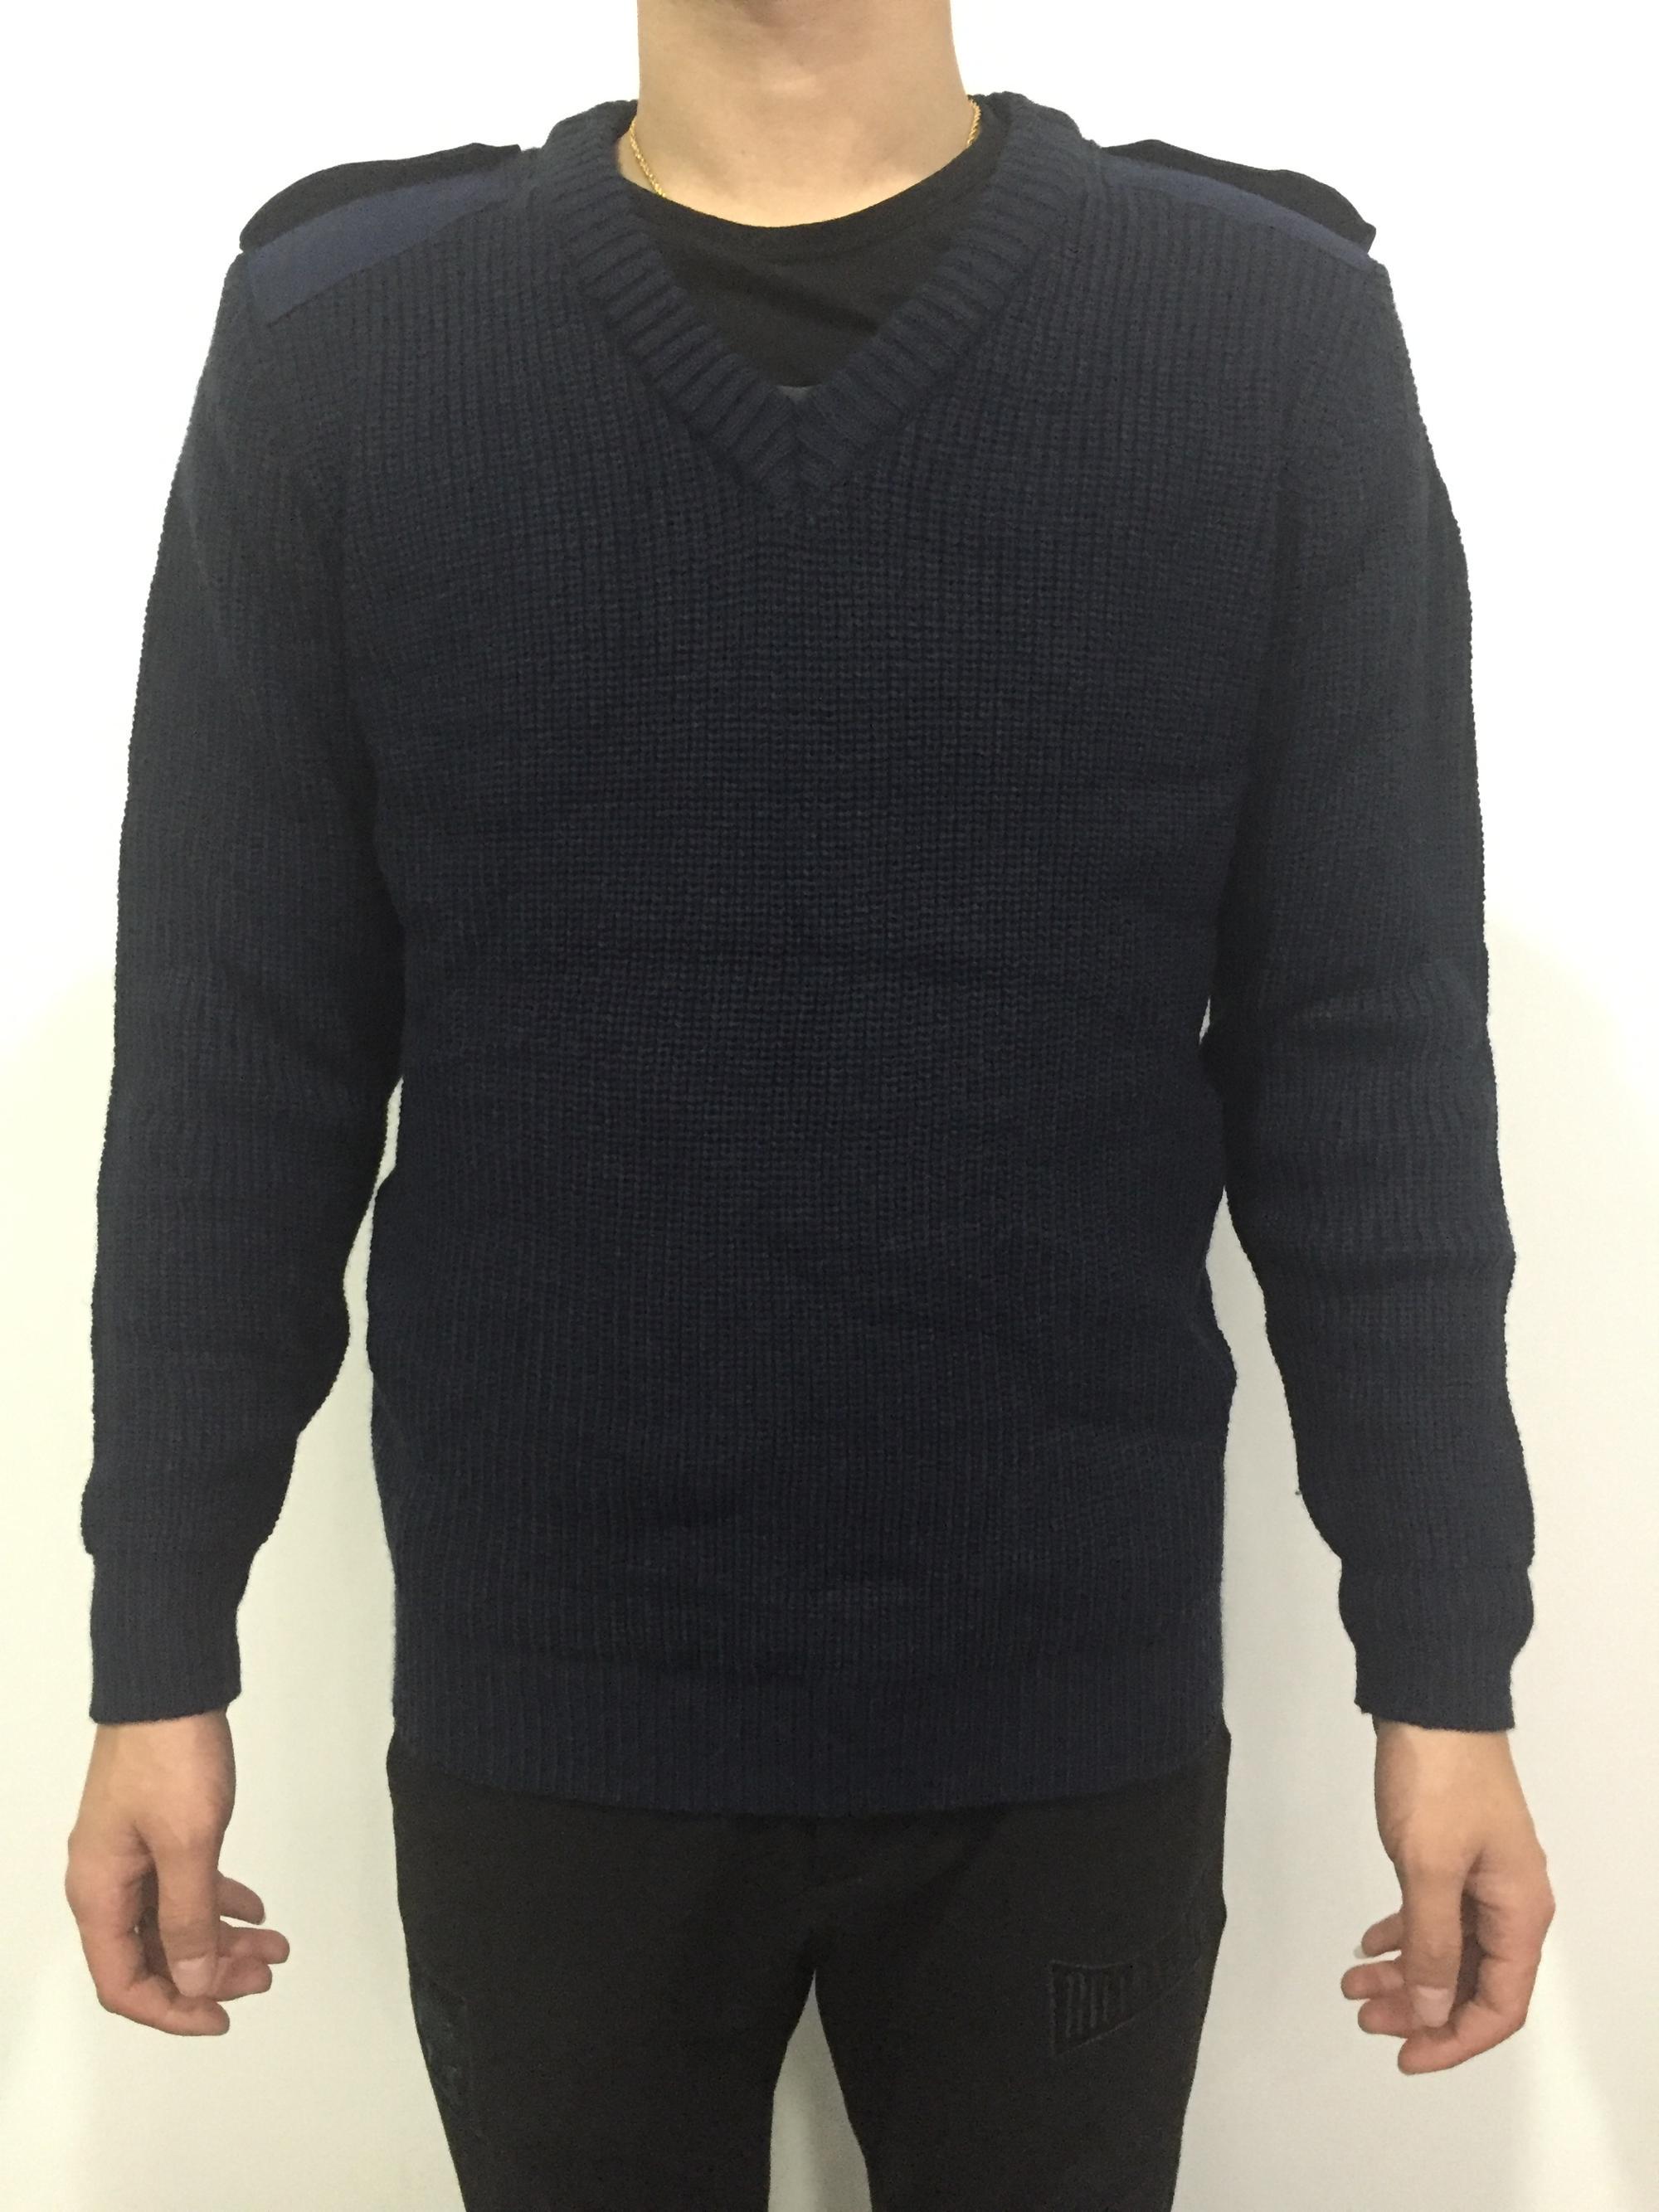 Details zu Pullover blau Polizeipullover Polizei Herren verschiedene Größen V Ausschnitt